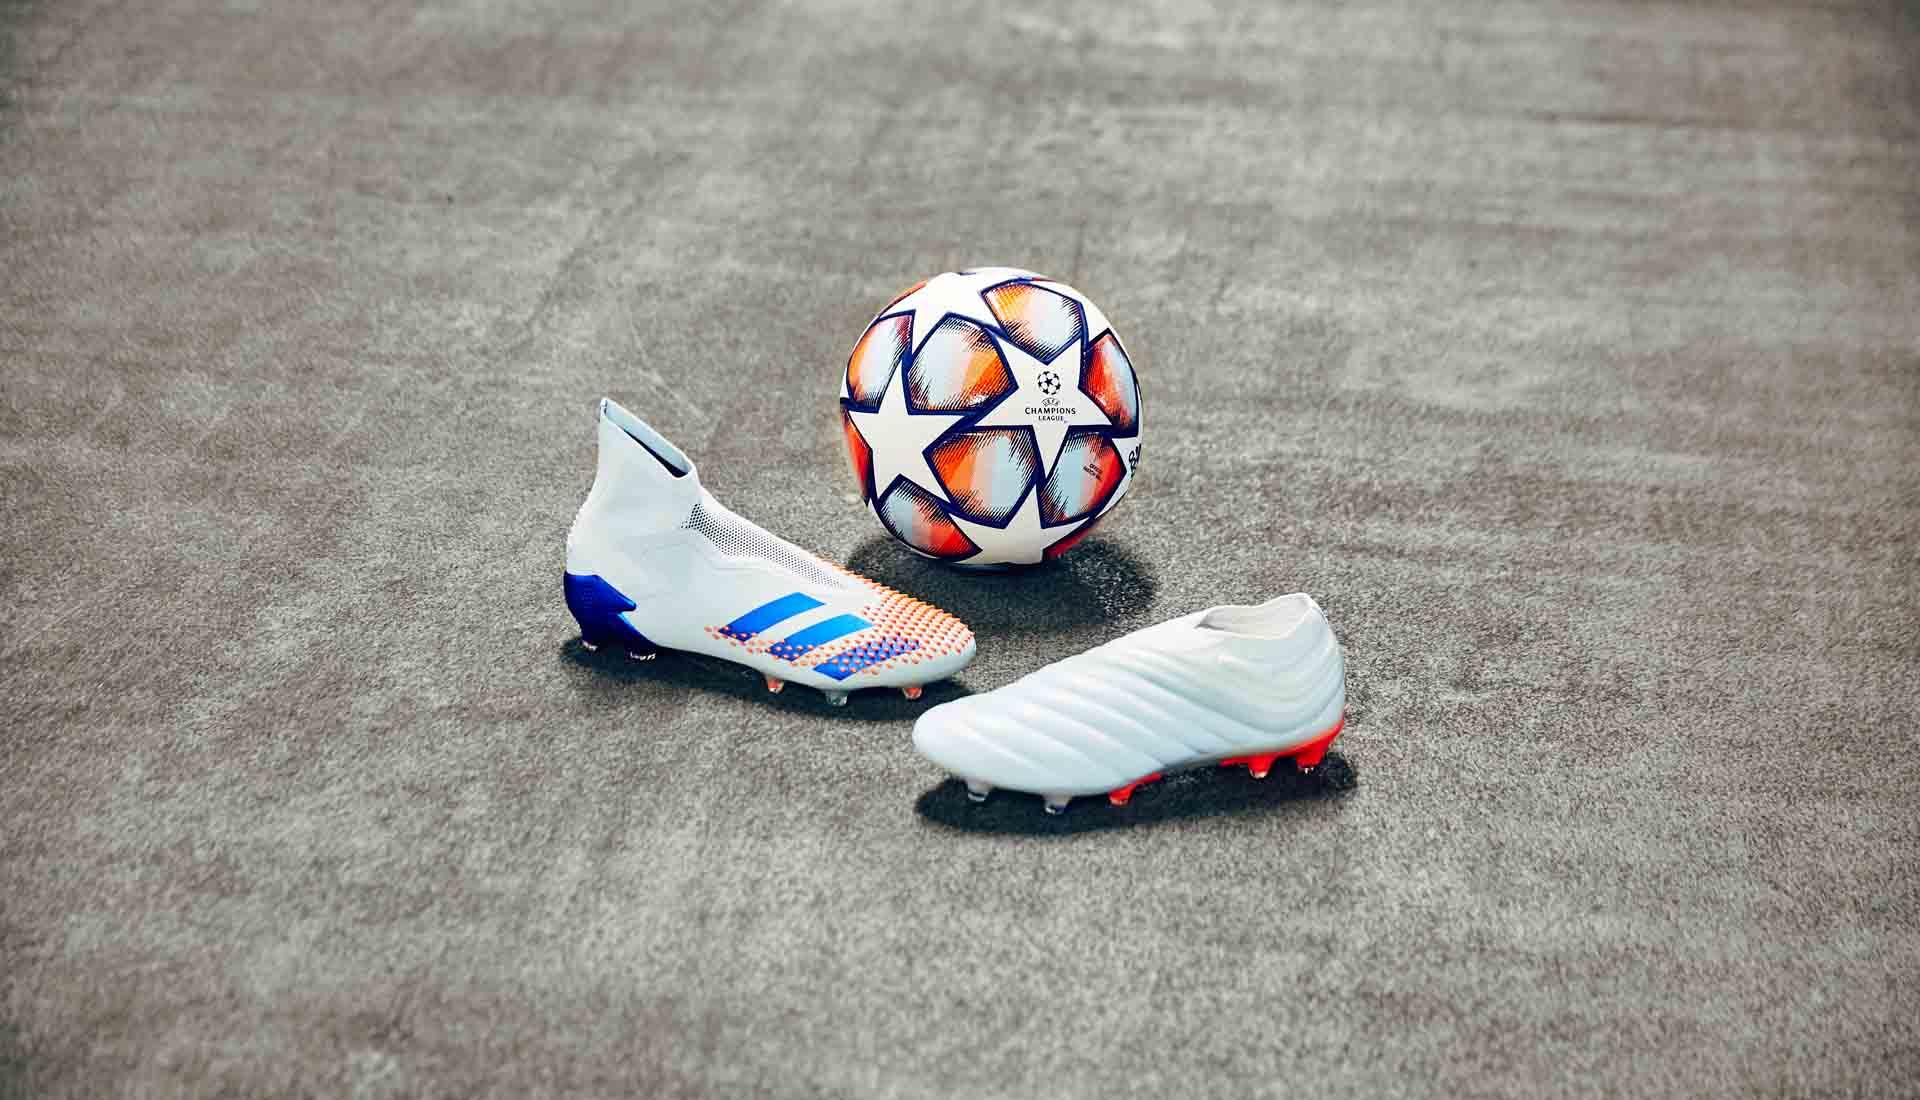 Adidas Glory Hunter pack được ra mắt để chuẩn bị cho mùa giải mới cúp C1 châu Âu